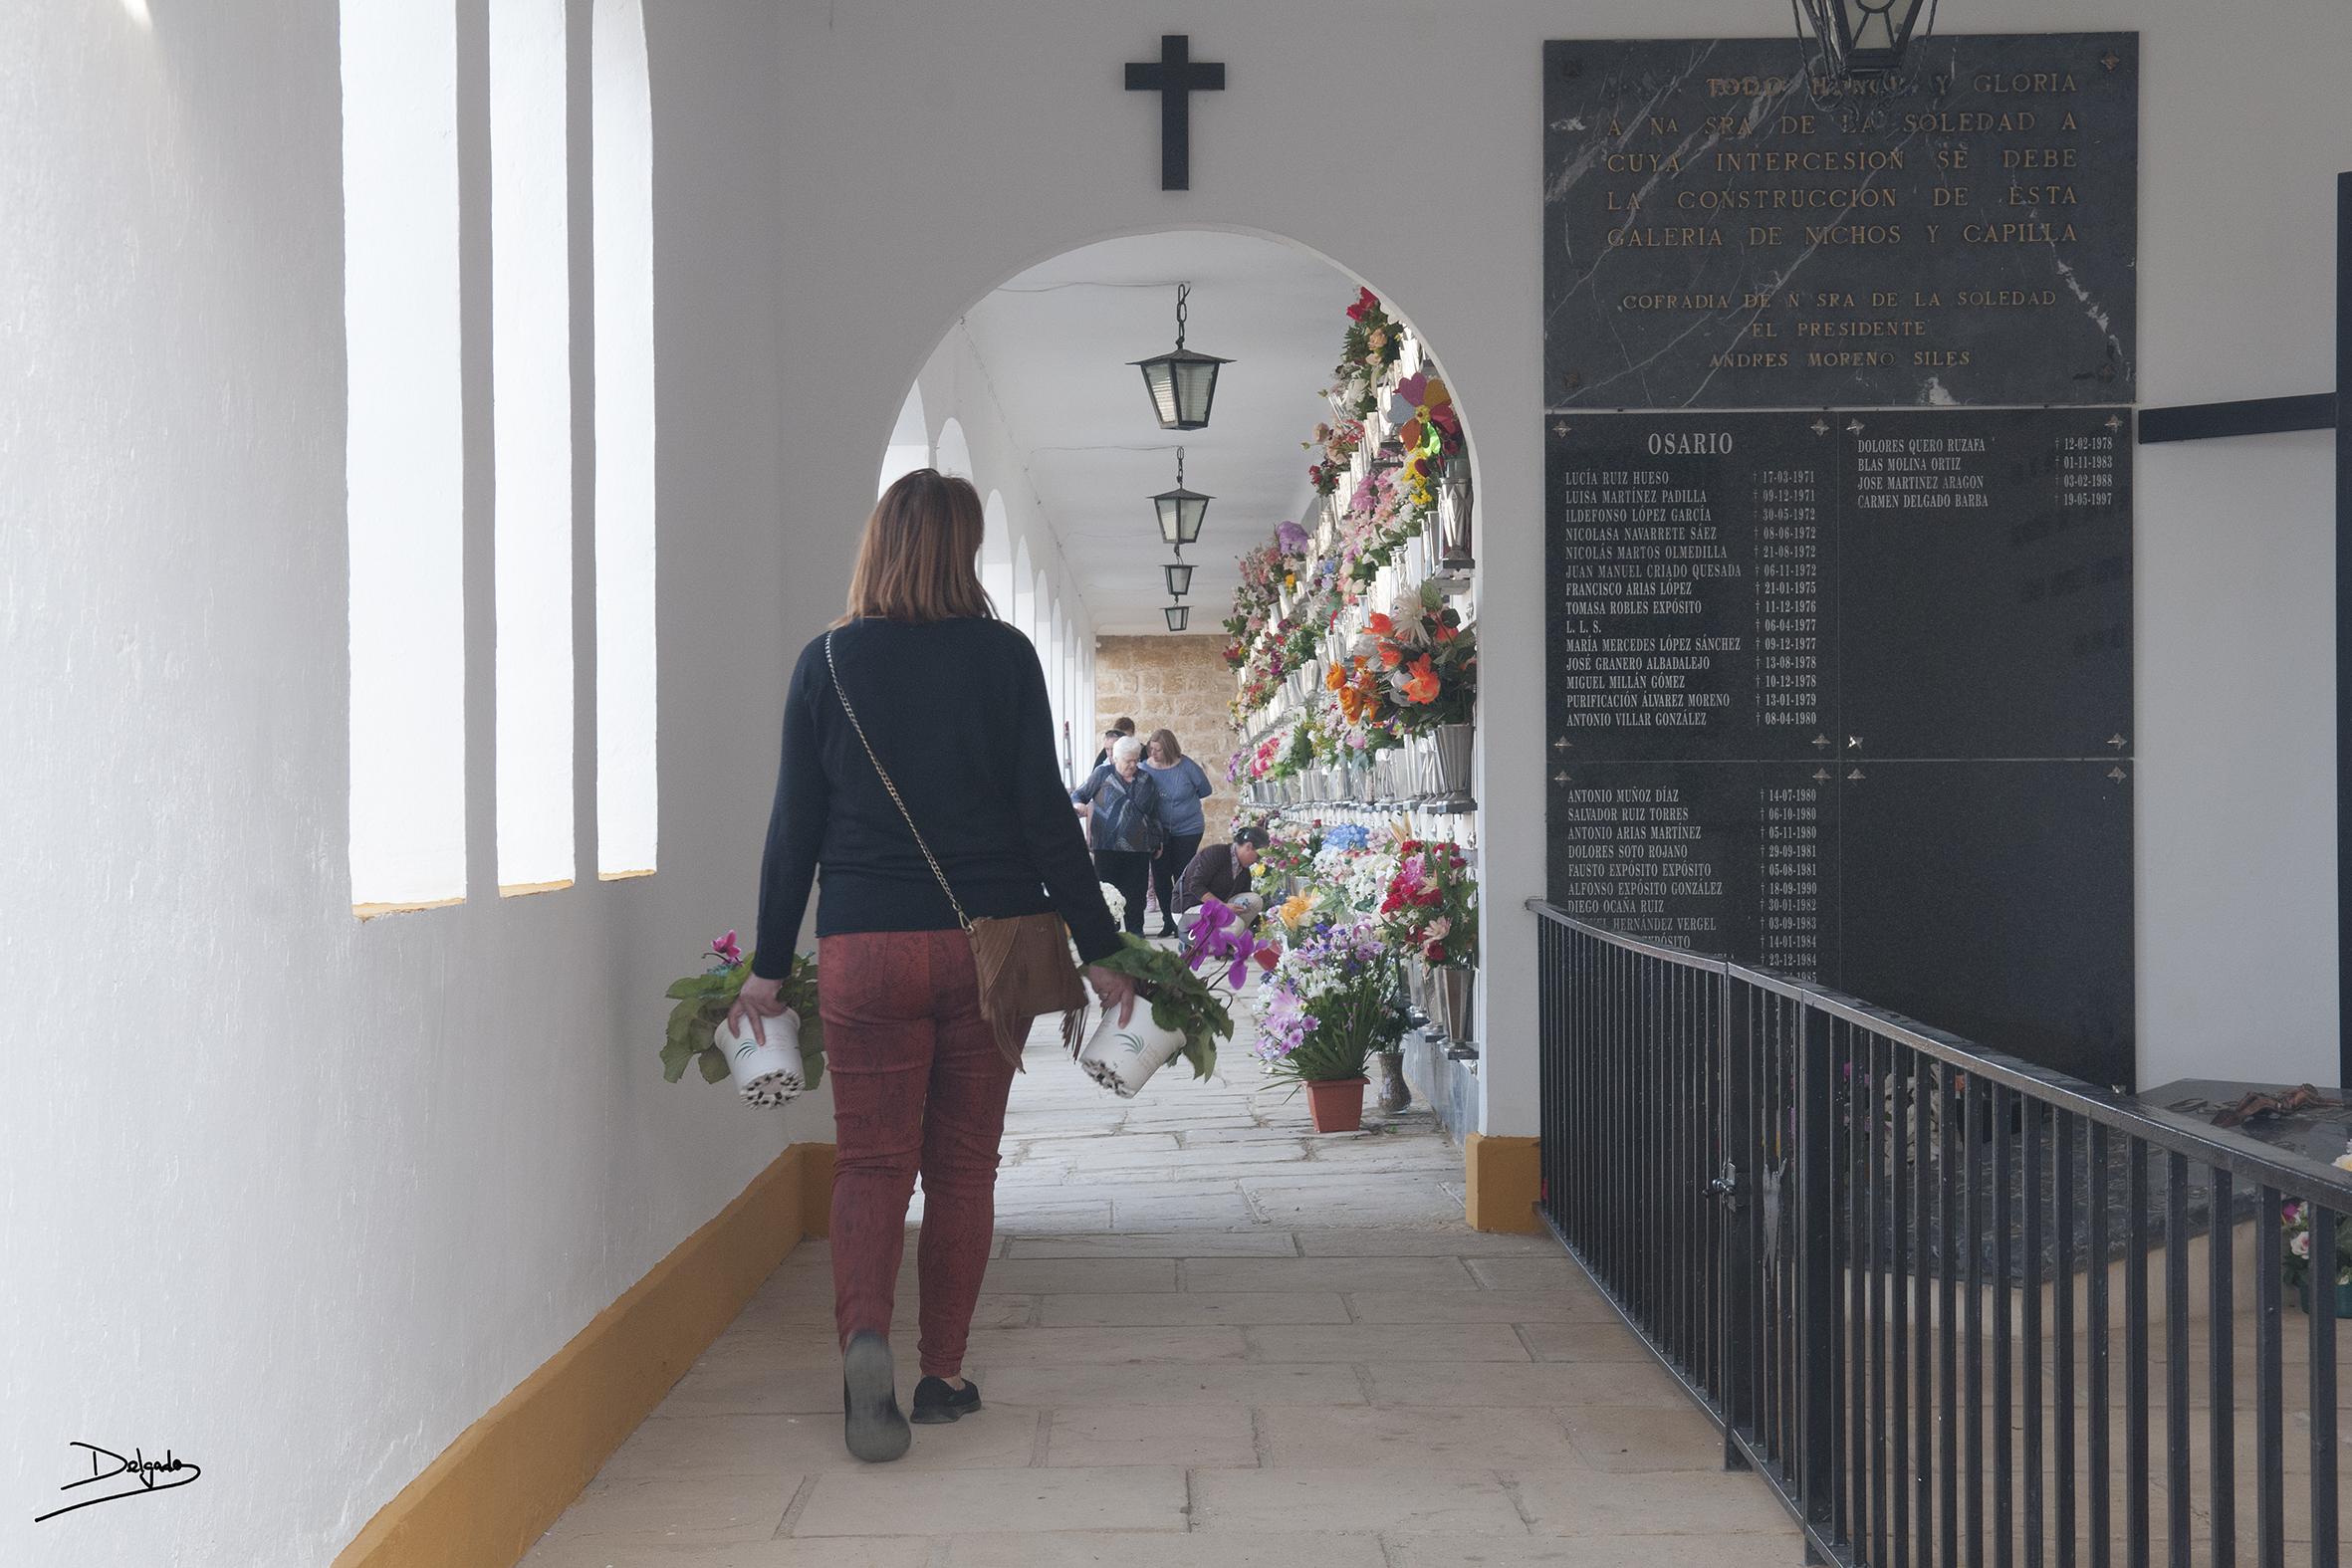 Día de los Santos y Difuntos